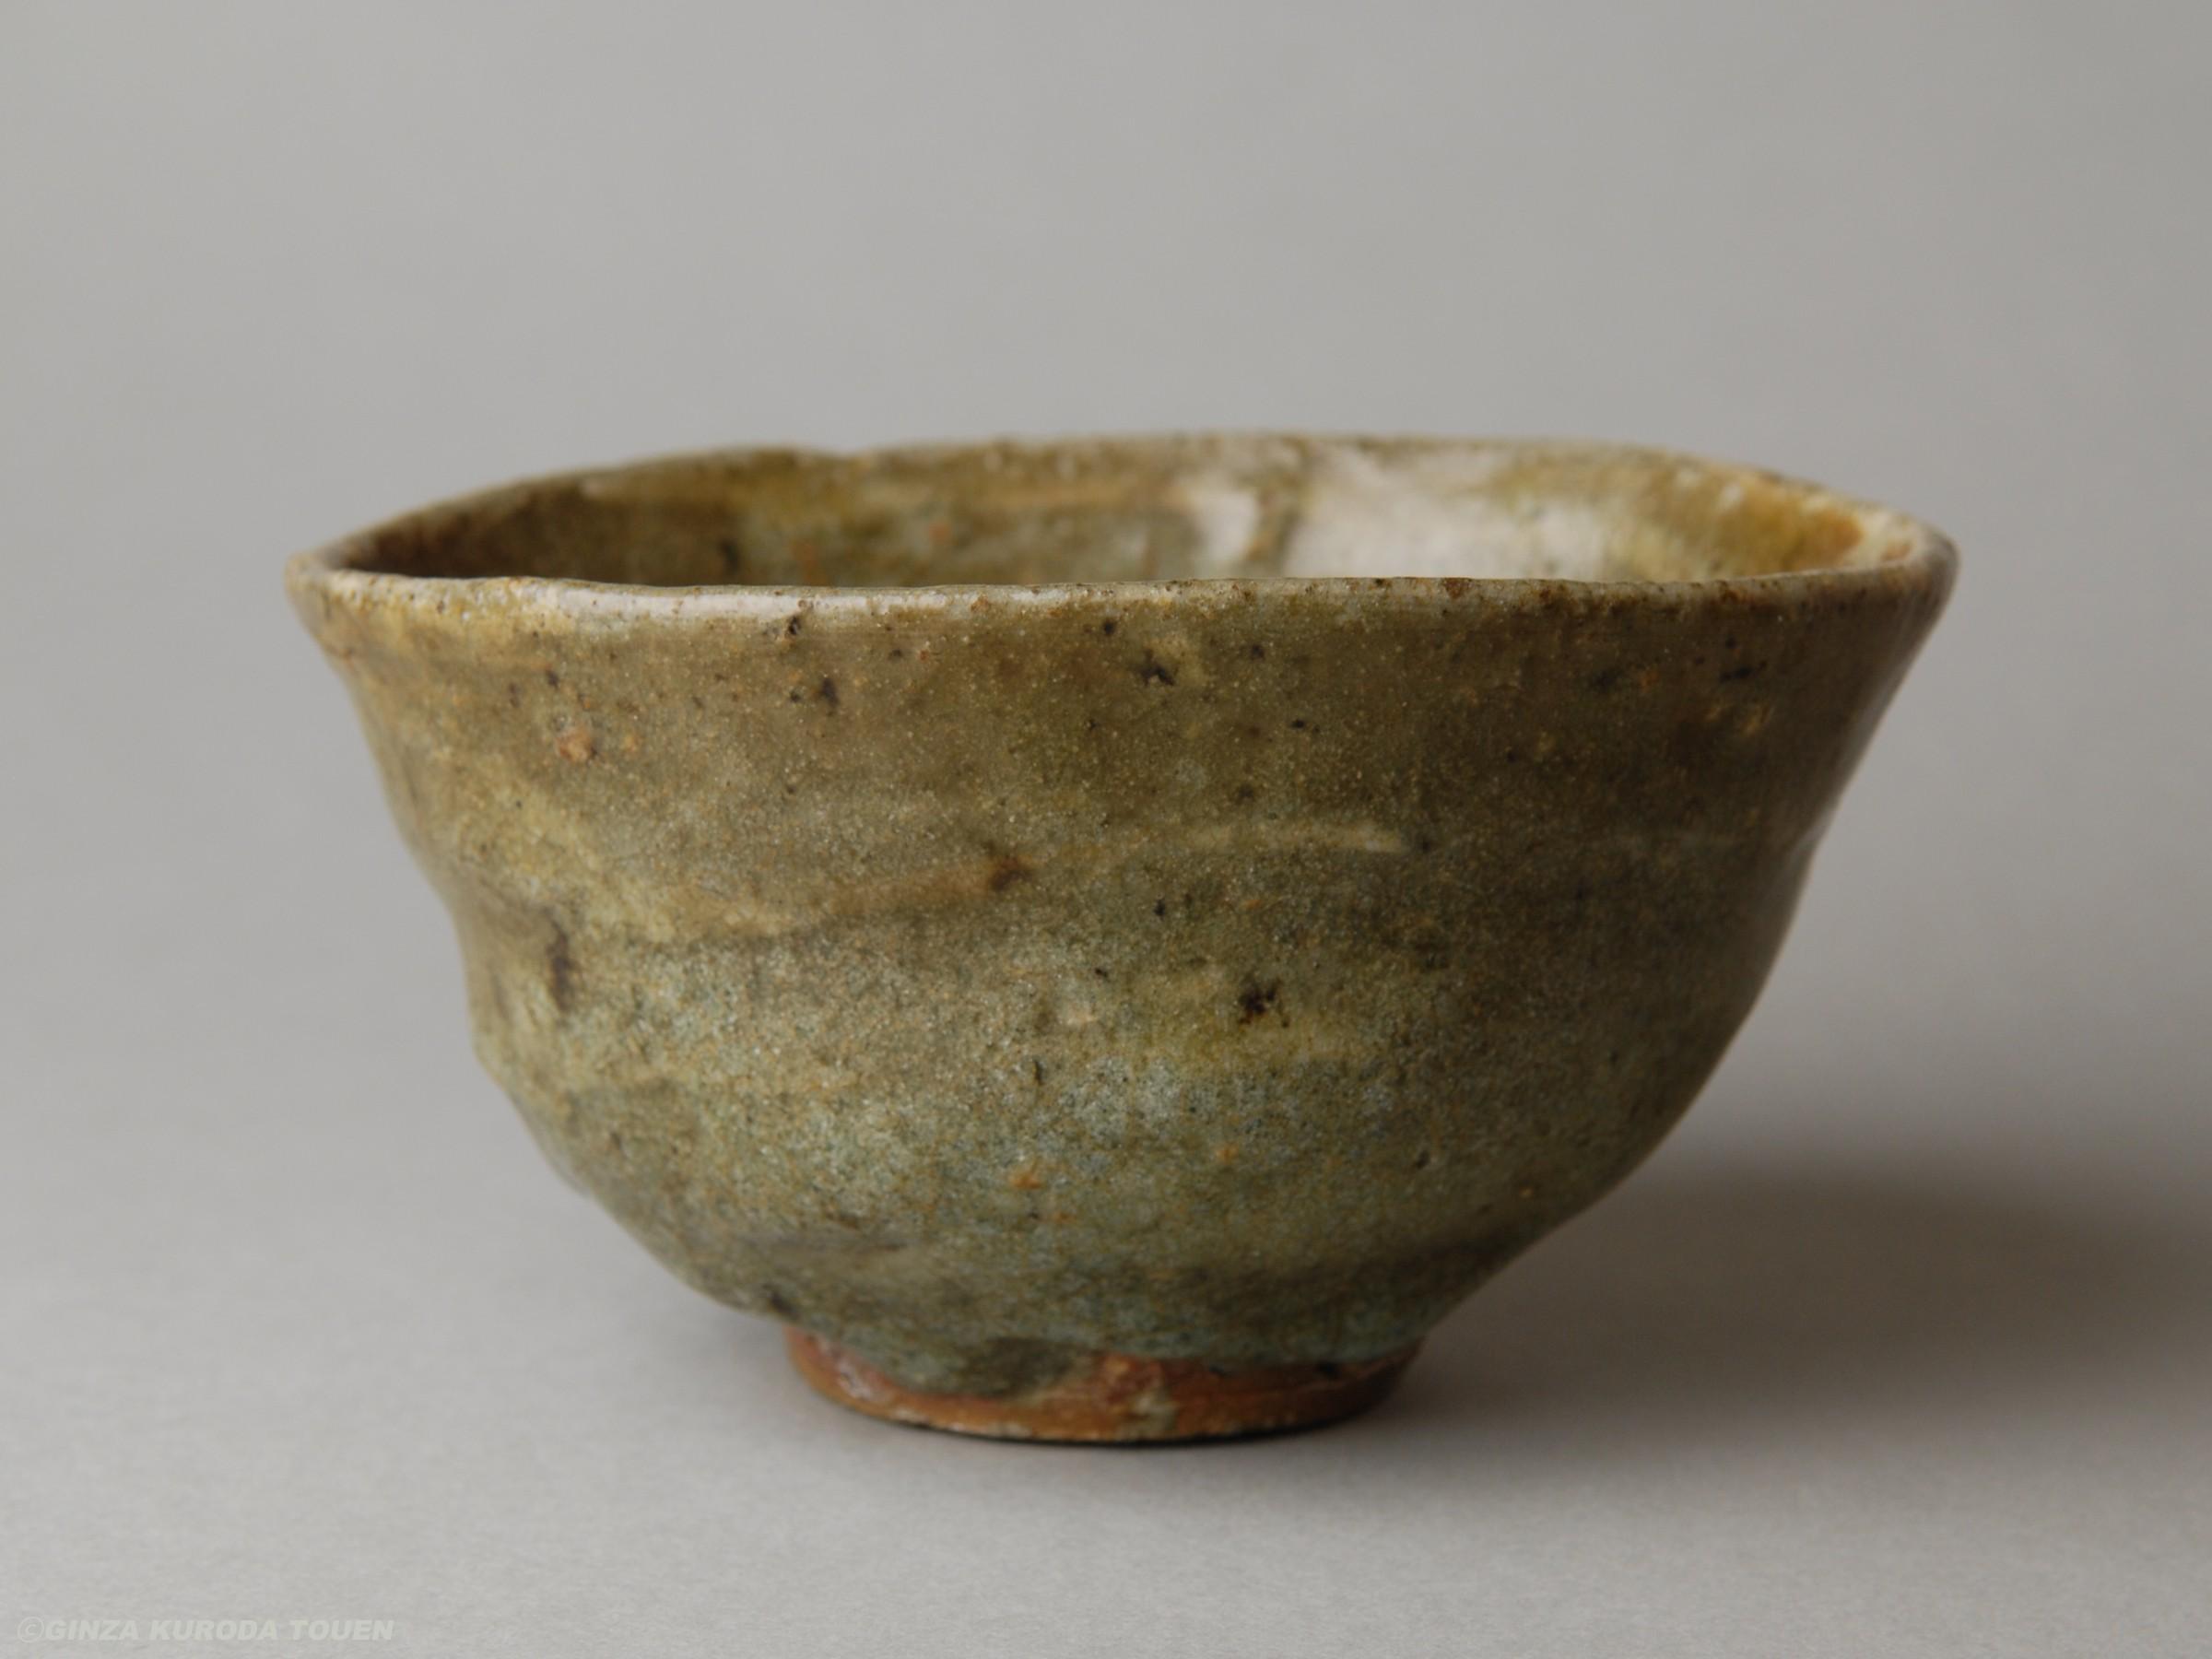 川喜田半泥子 茶碗 於荷苗里